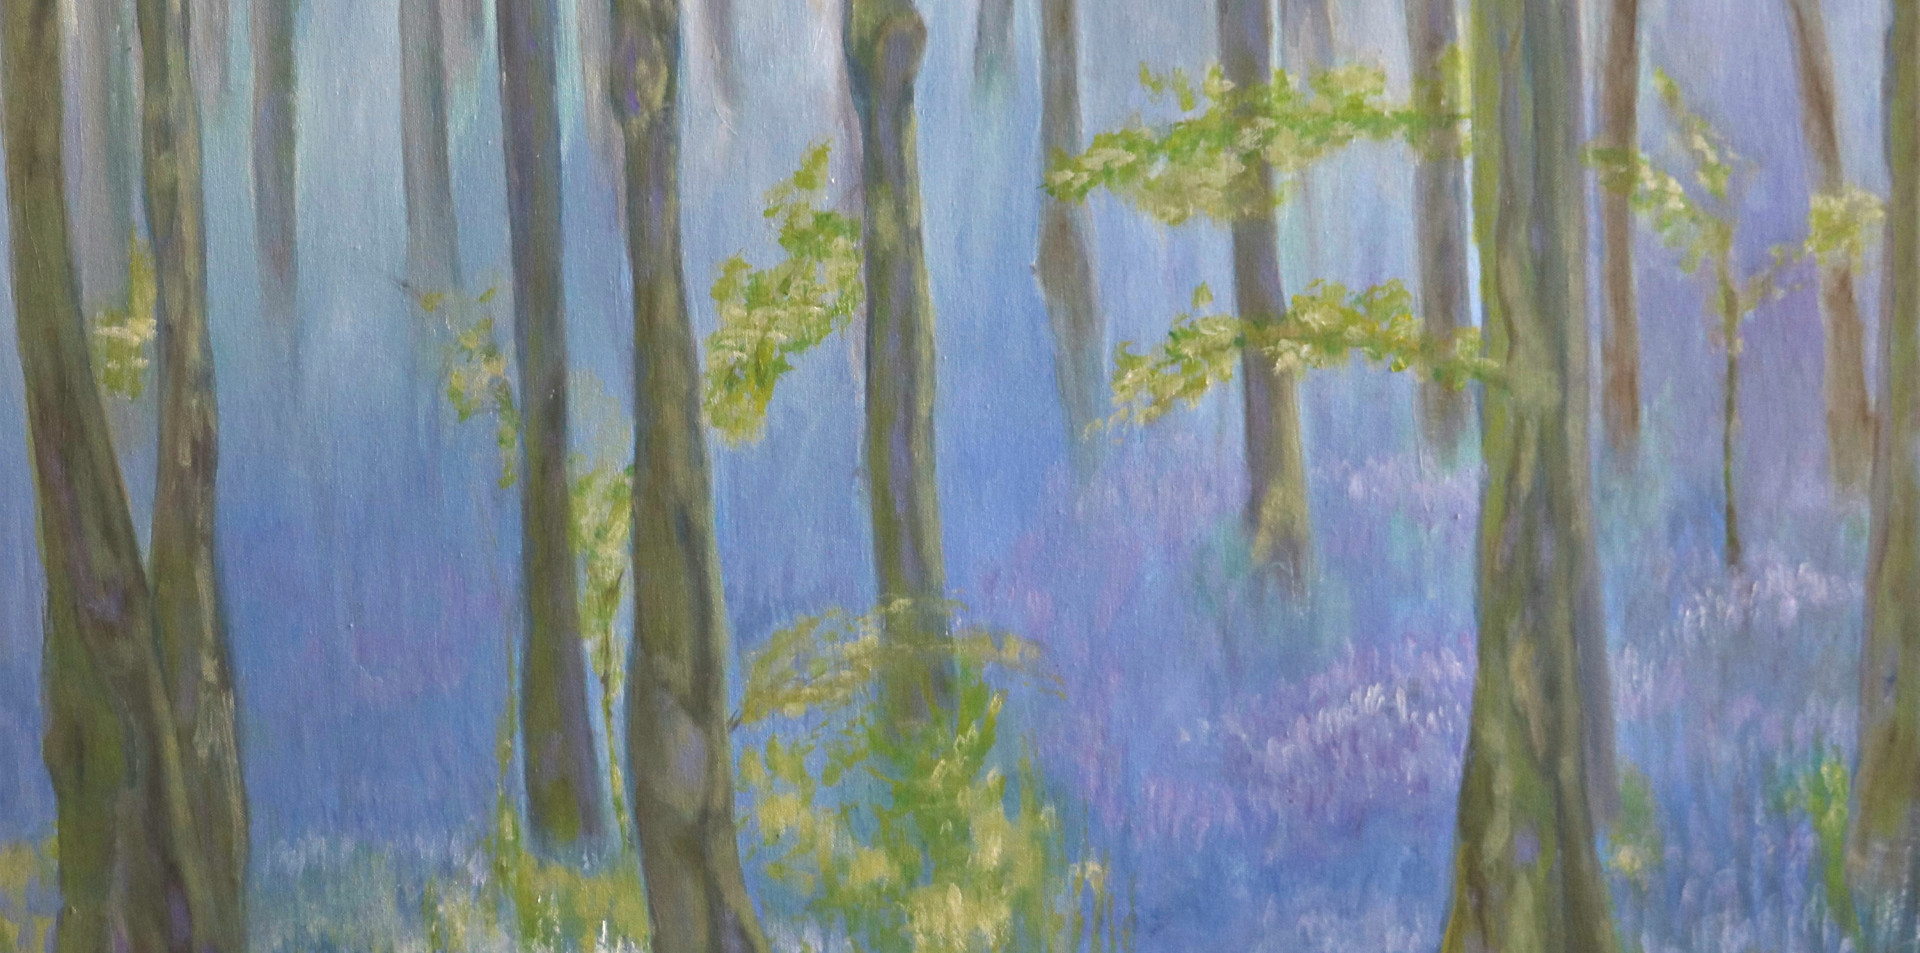 2015 - olie op doek 60 x 80 cm - Werner's droom